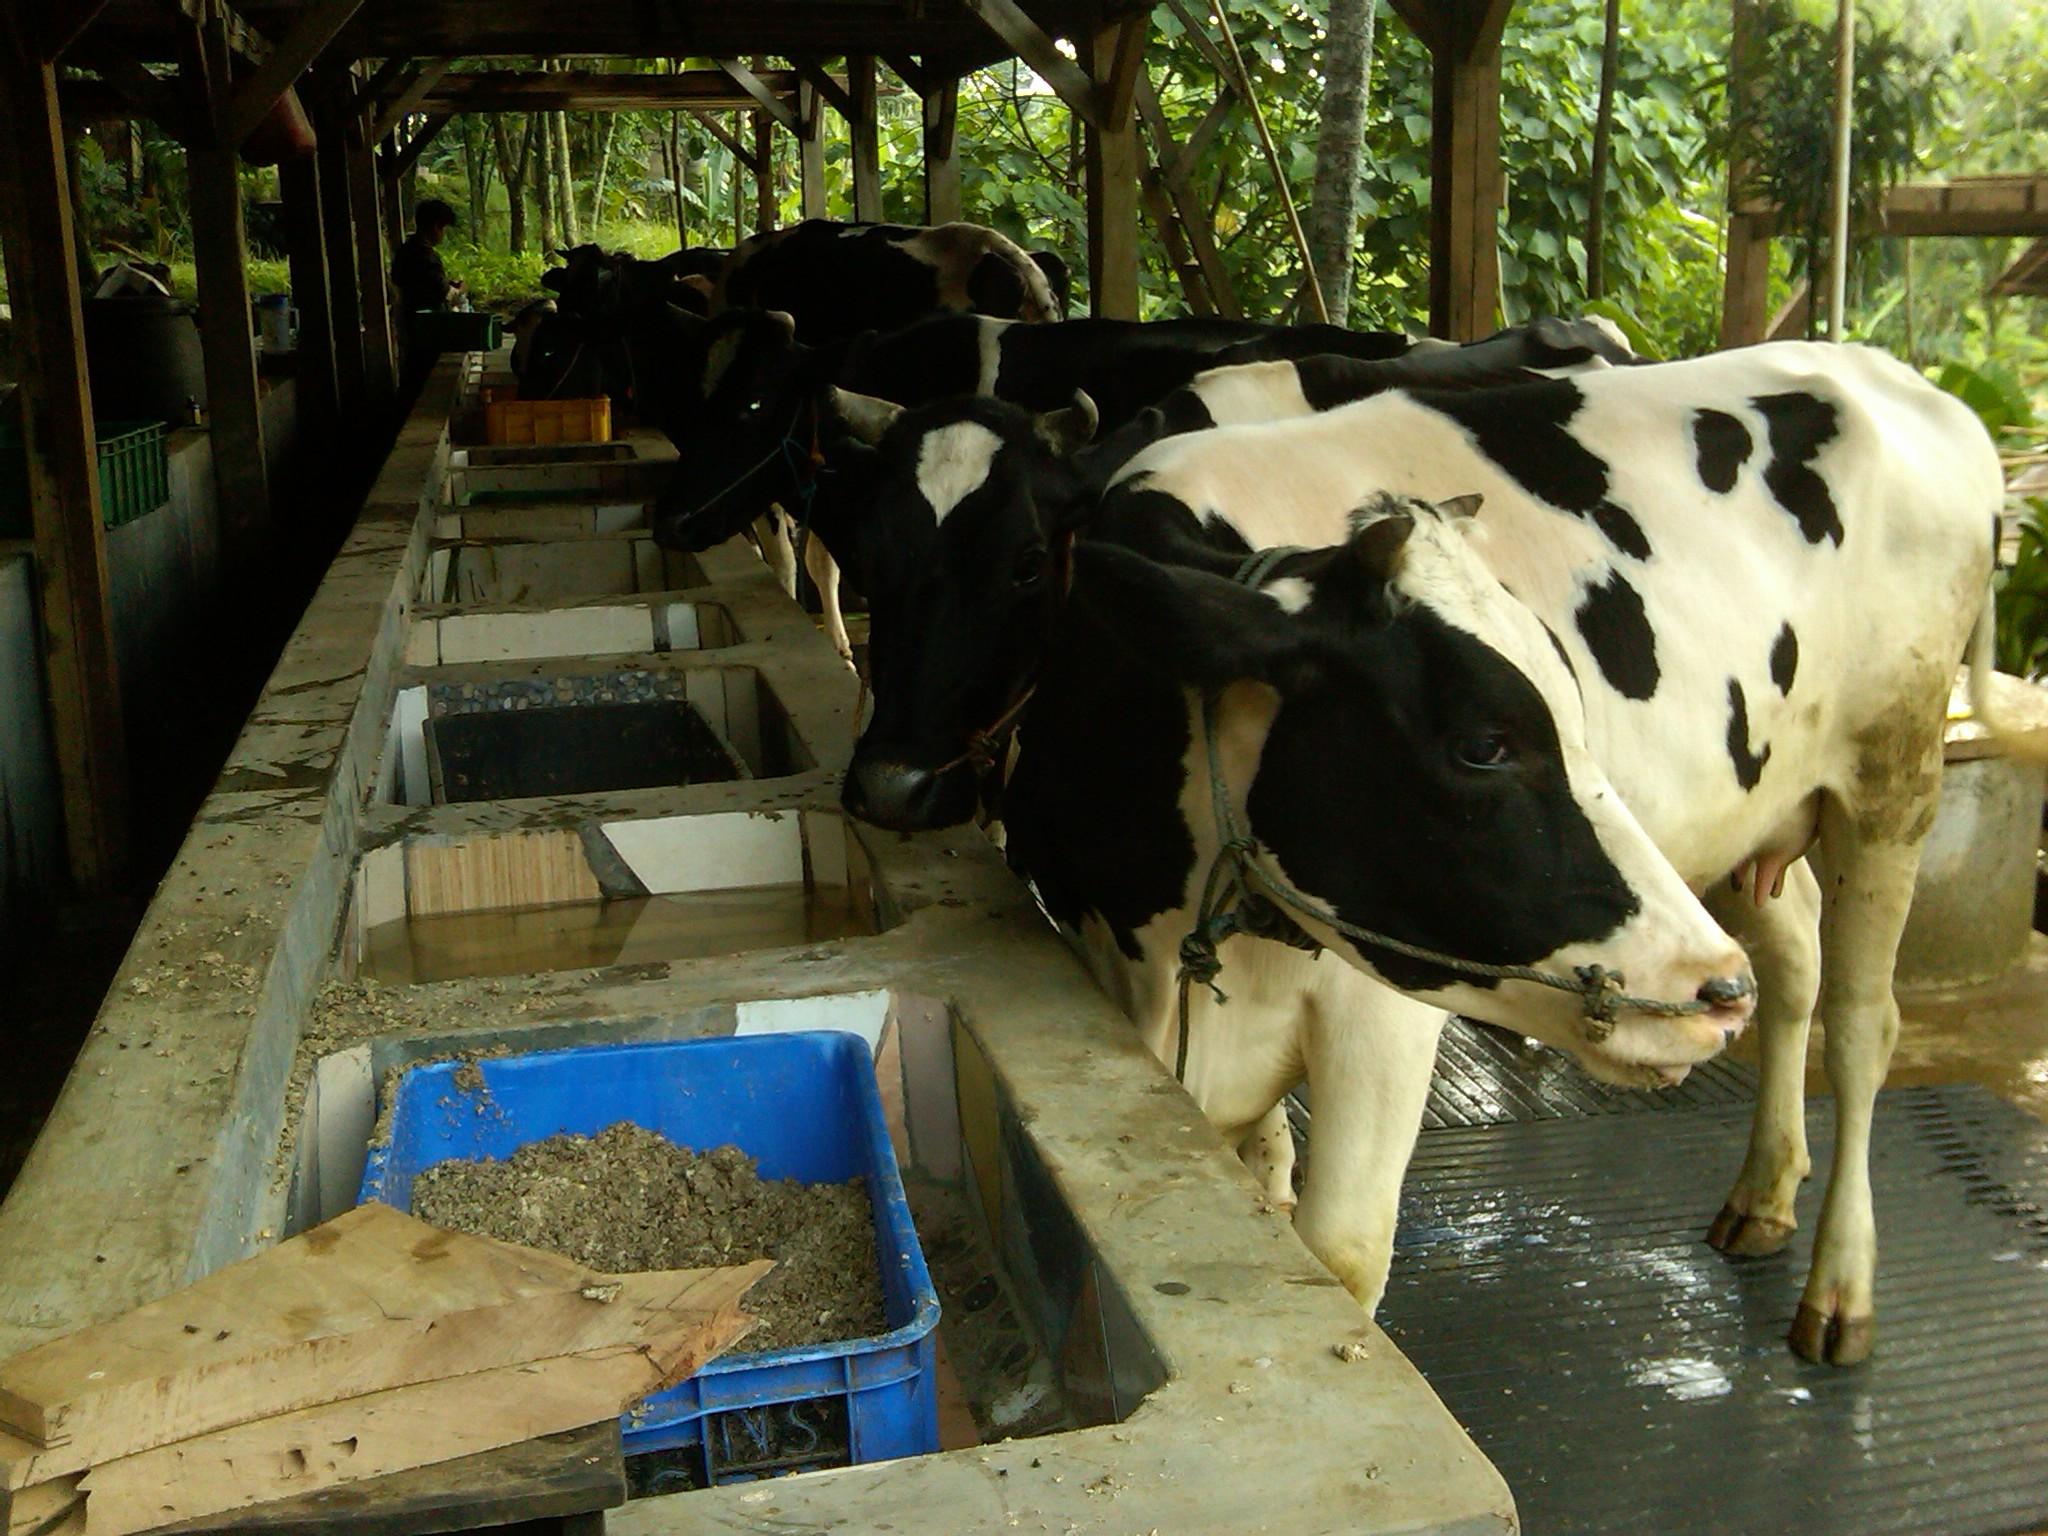 susu, sapi, perah, peternakan, kampung 99 pepohonan